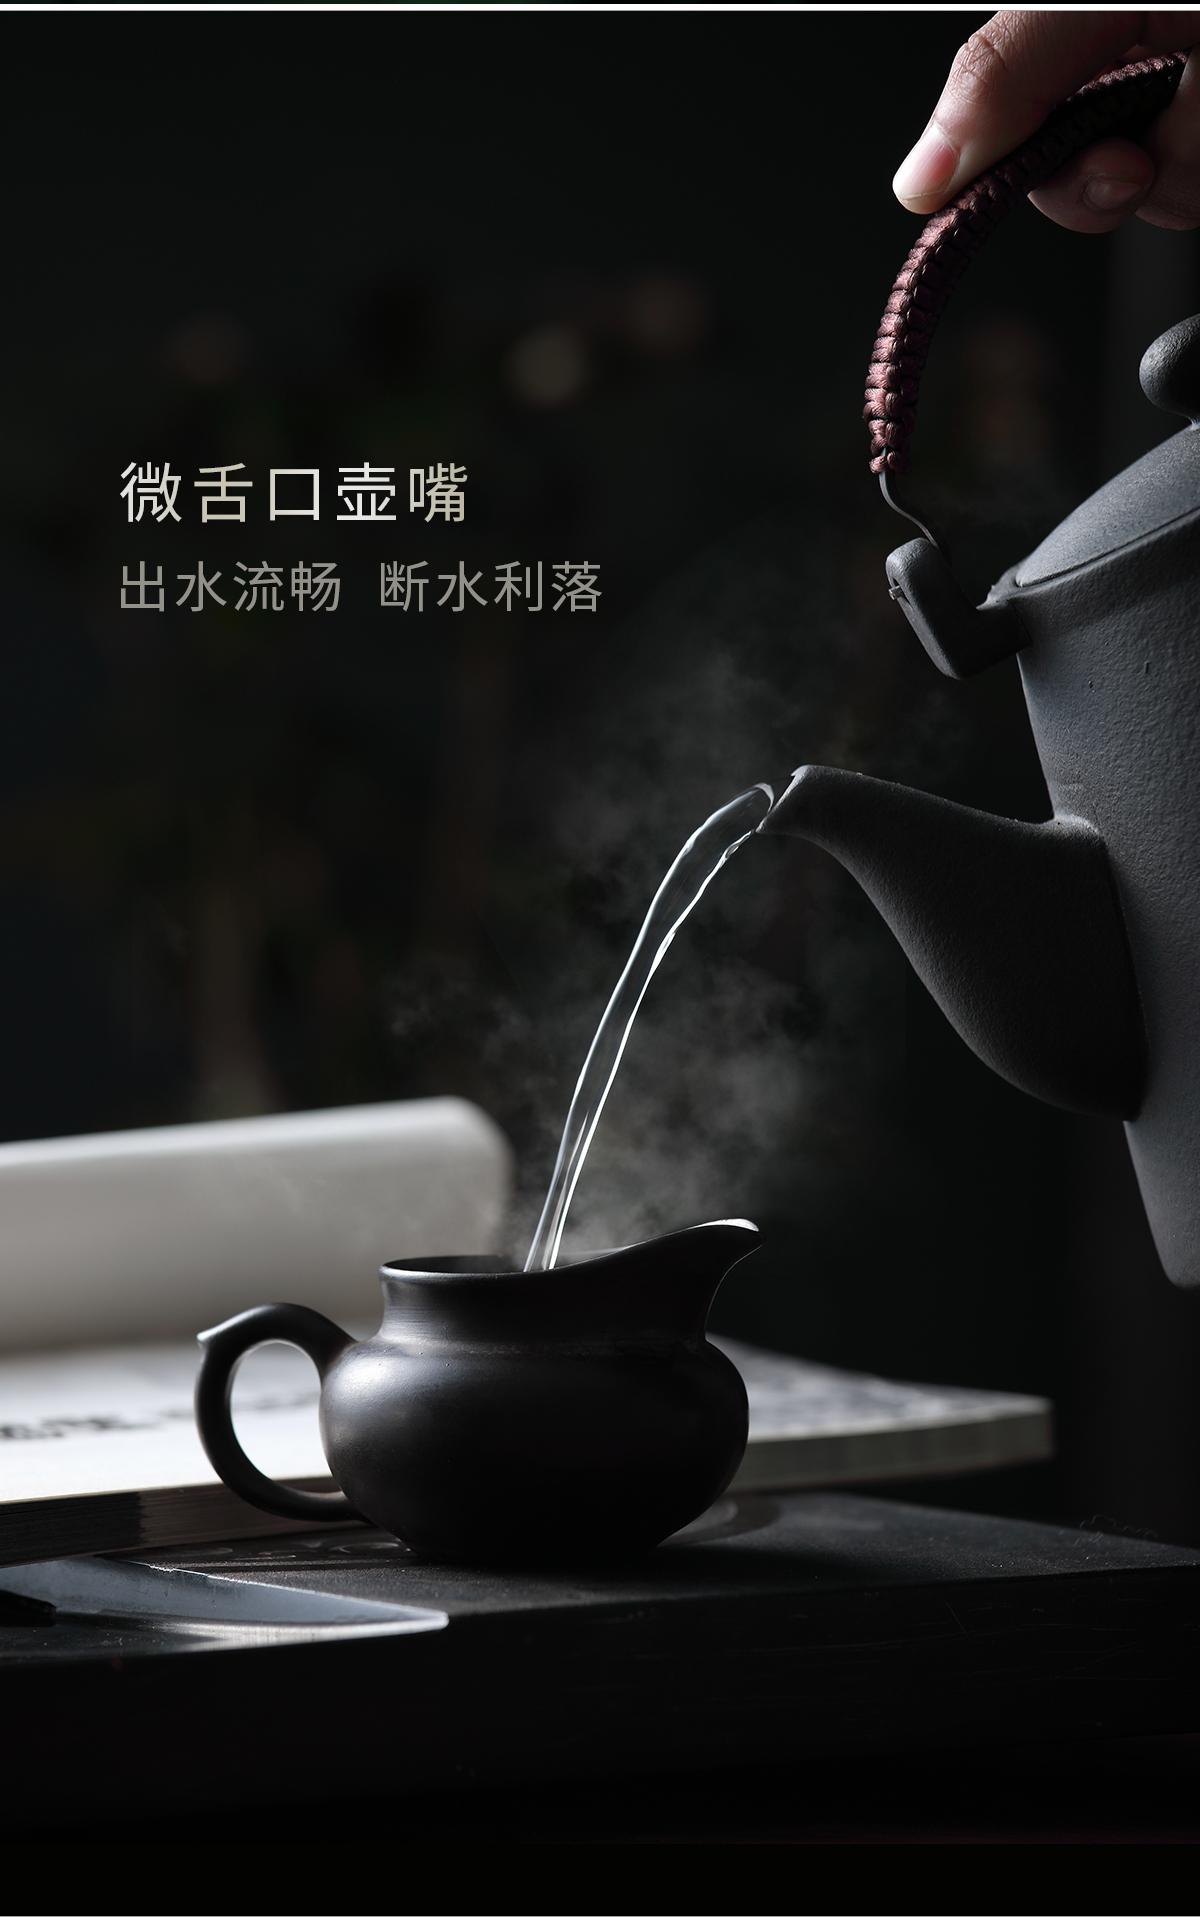 吉谷旗舰店TB0606智能全自动上水电水壶304不锈刚电热烧水壶泡茶